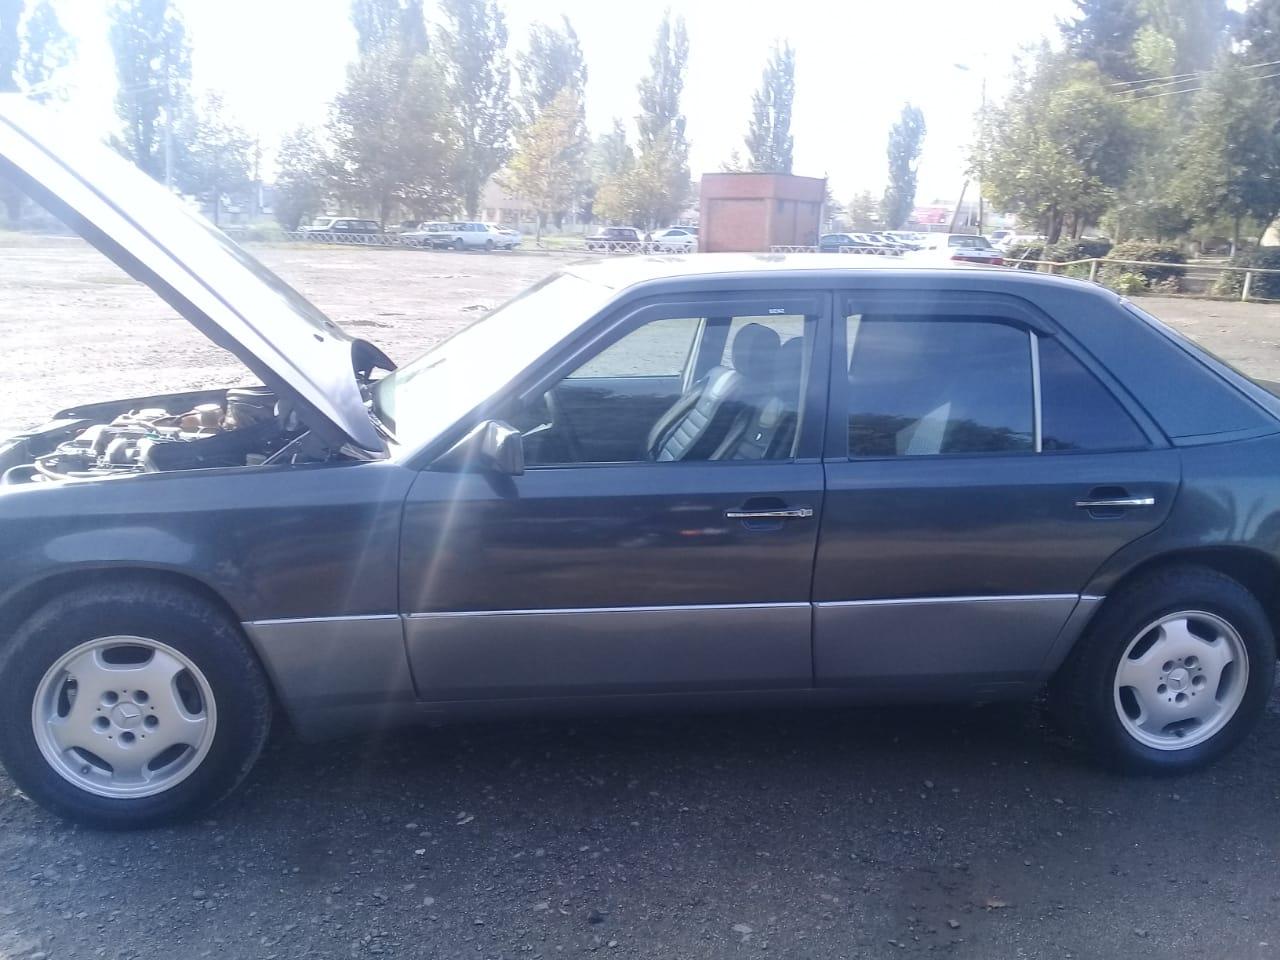 Mercedes-Benz 250 2.5(lt) 1990 Second hand  $7500